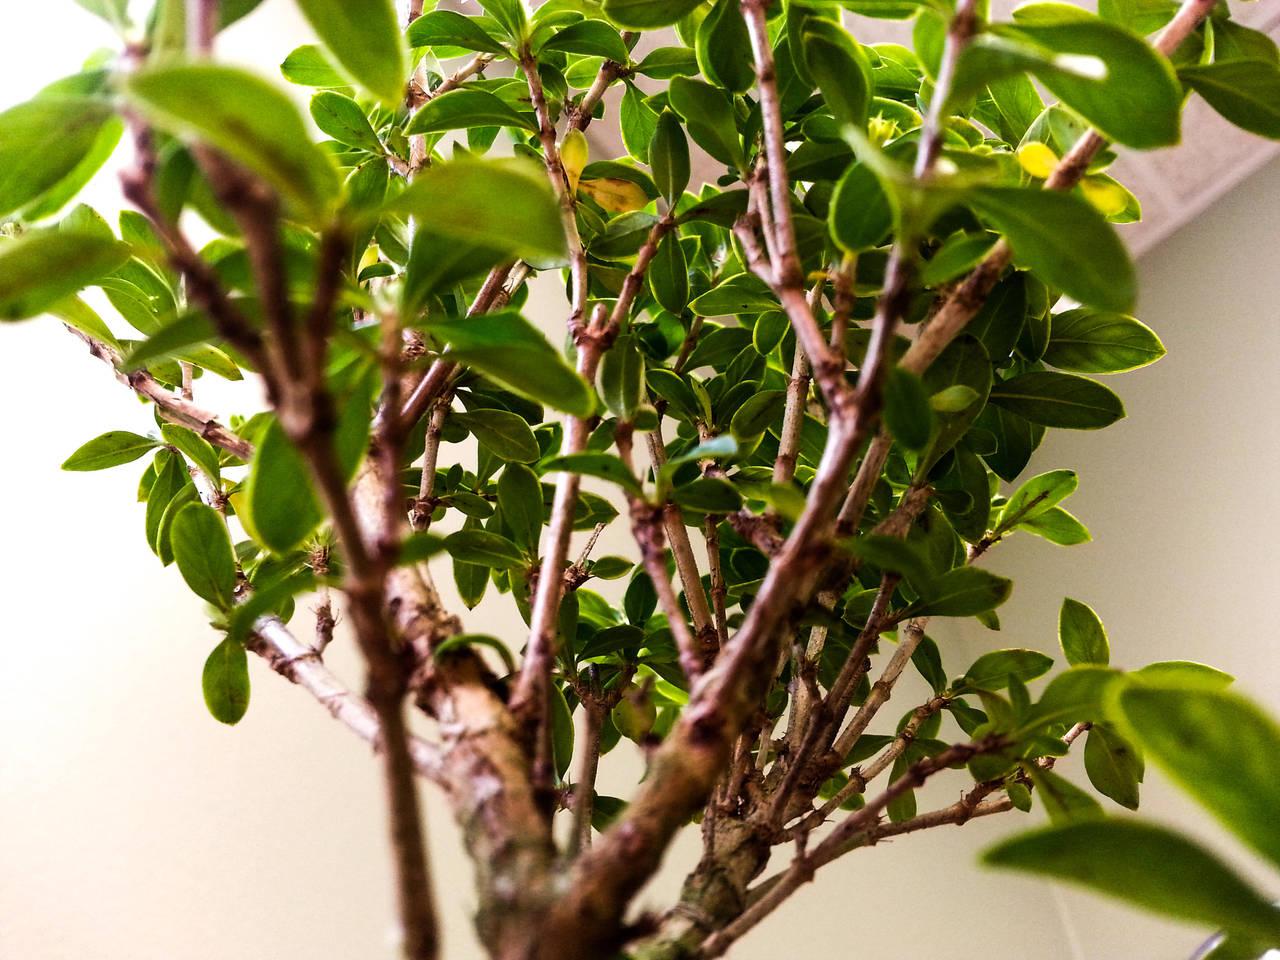 Bonsai Tree 1 by MrDannyD